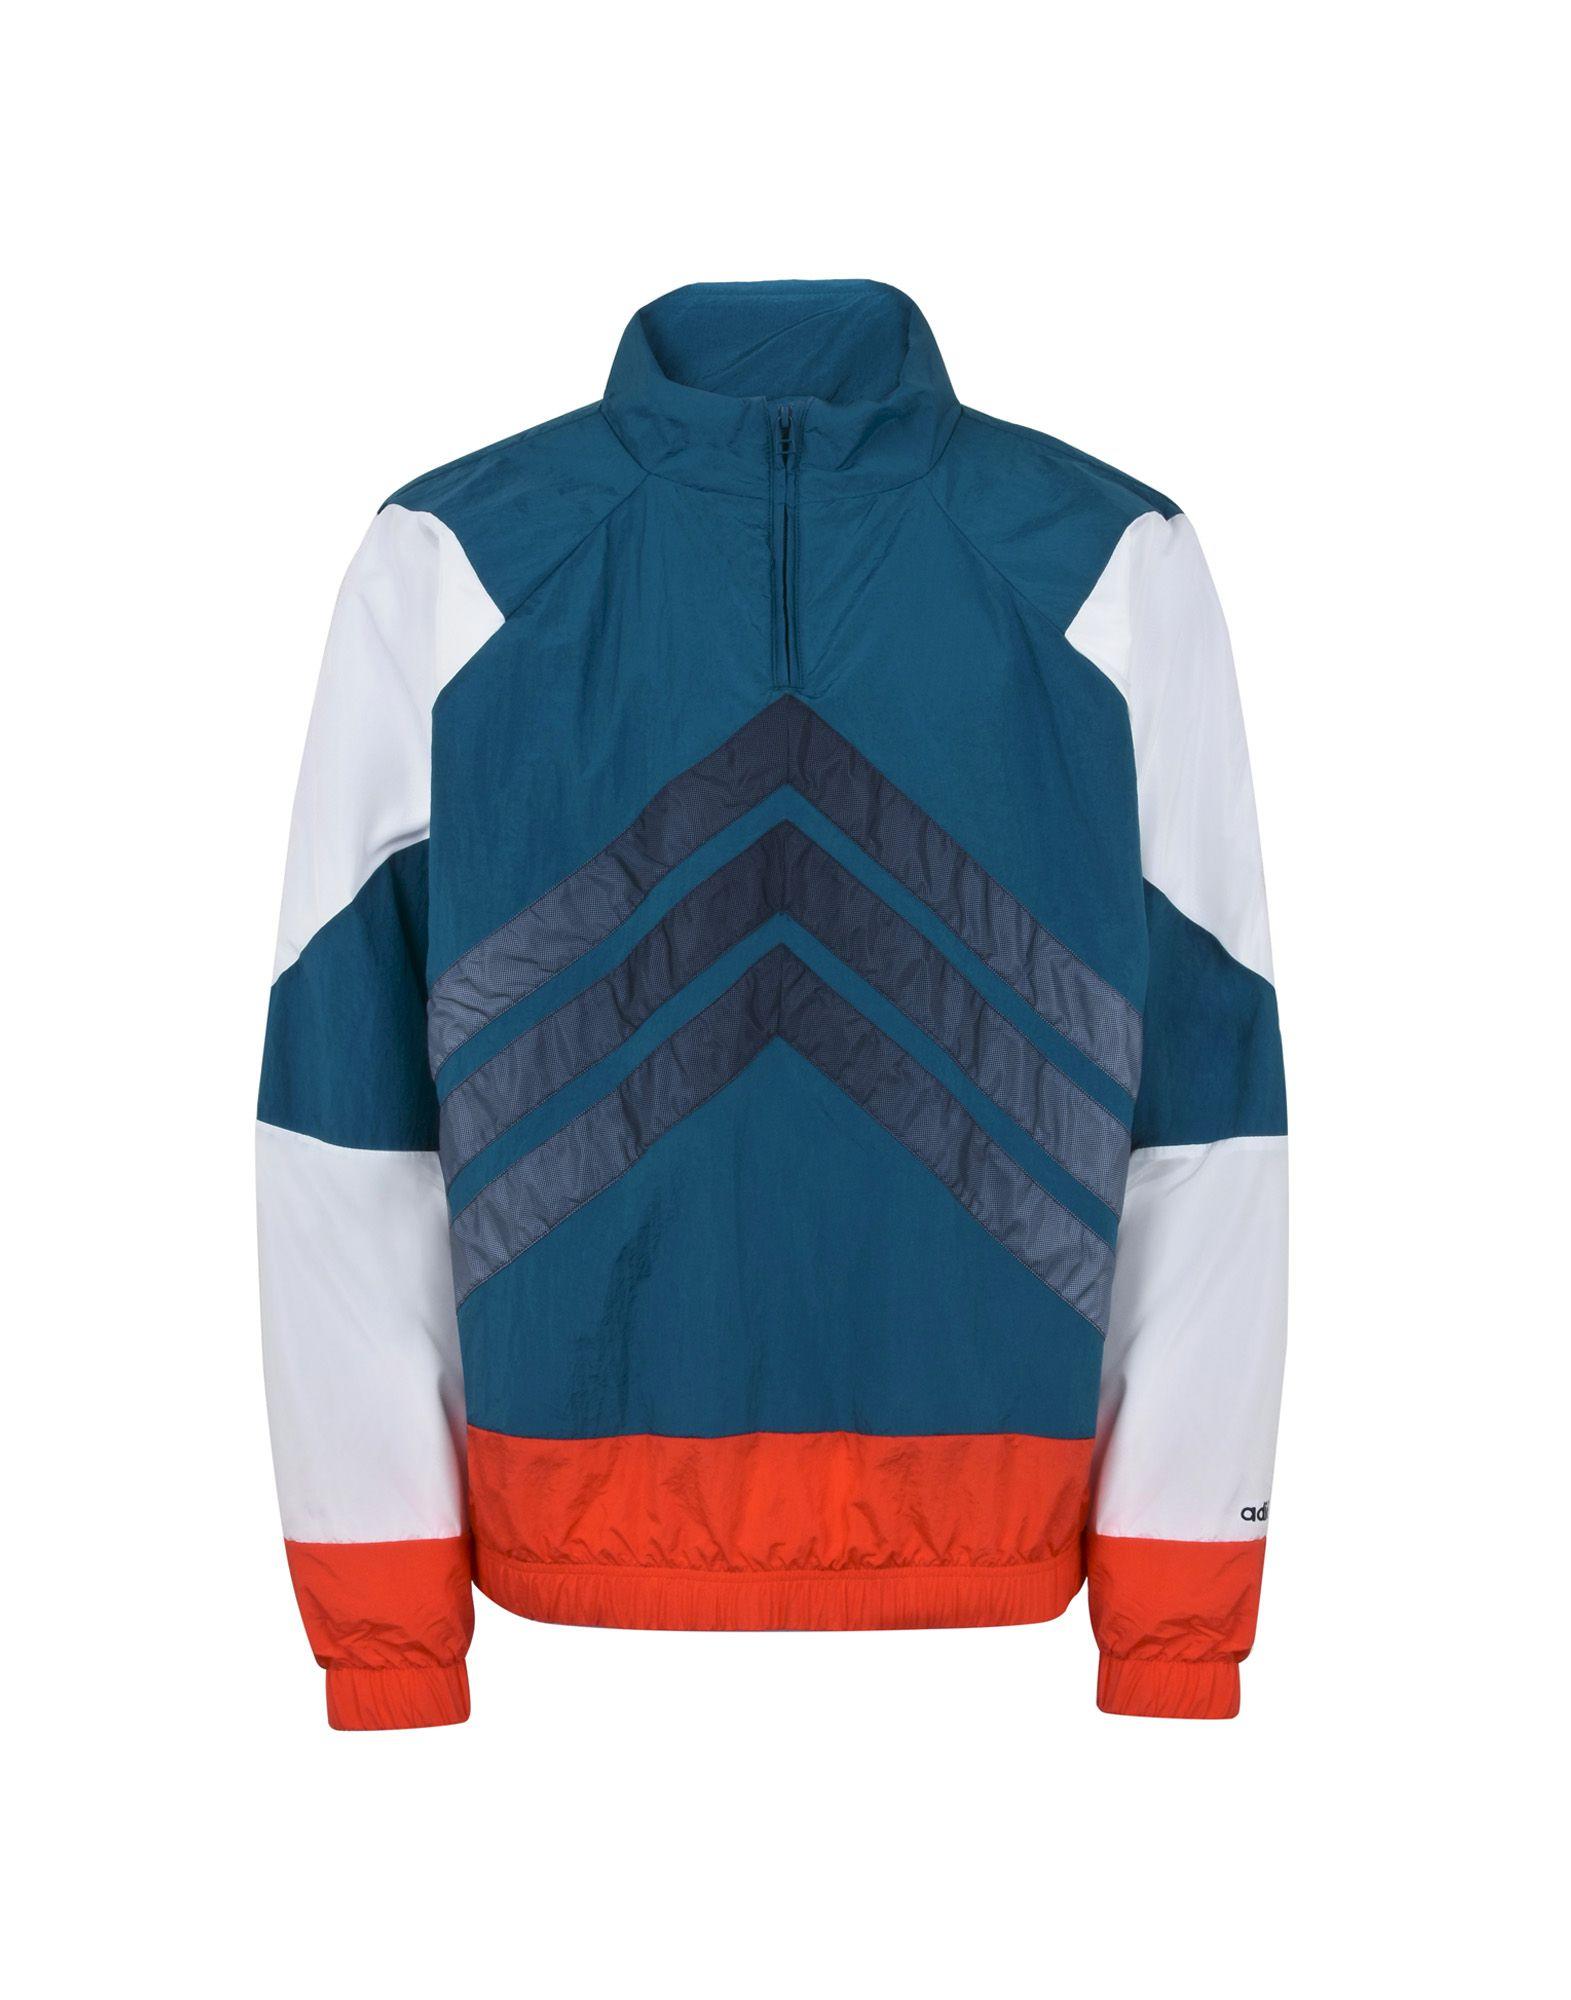 Giubbotto Adidas Originals V Stripes Wb - Uomo - Acquista online su